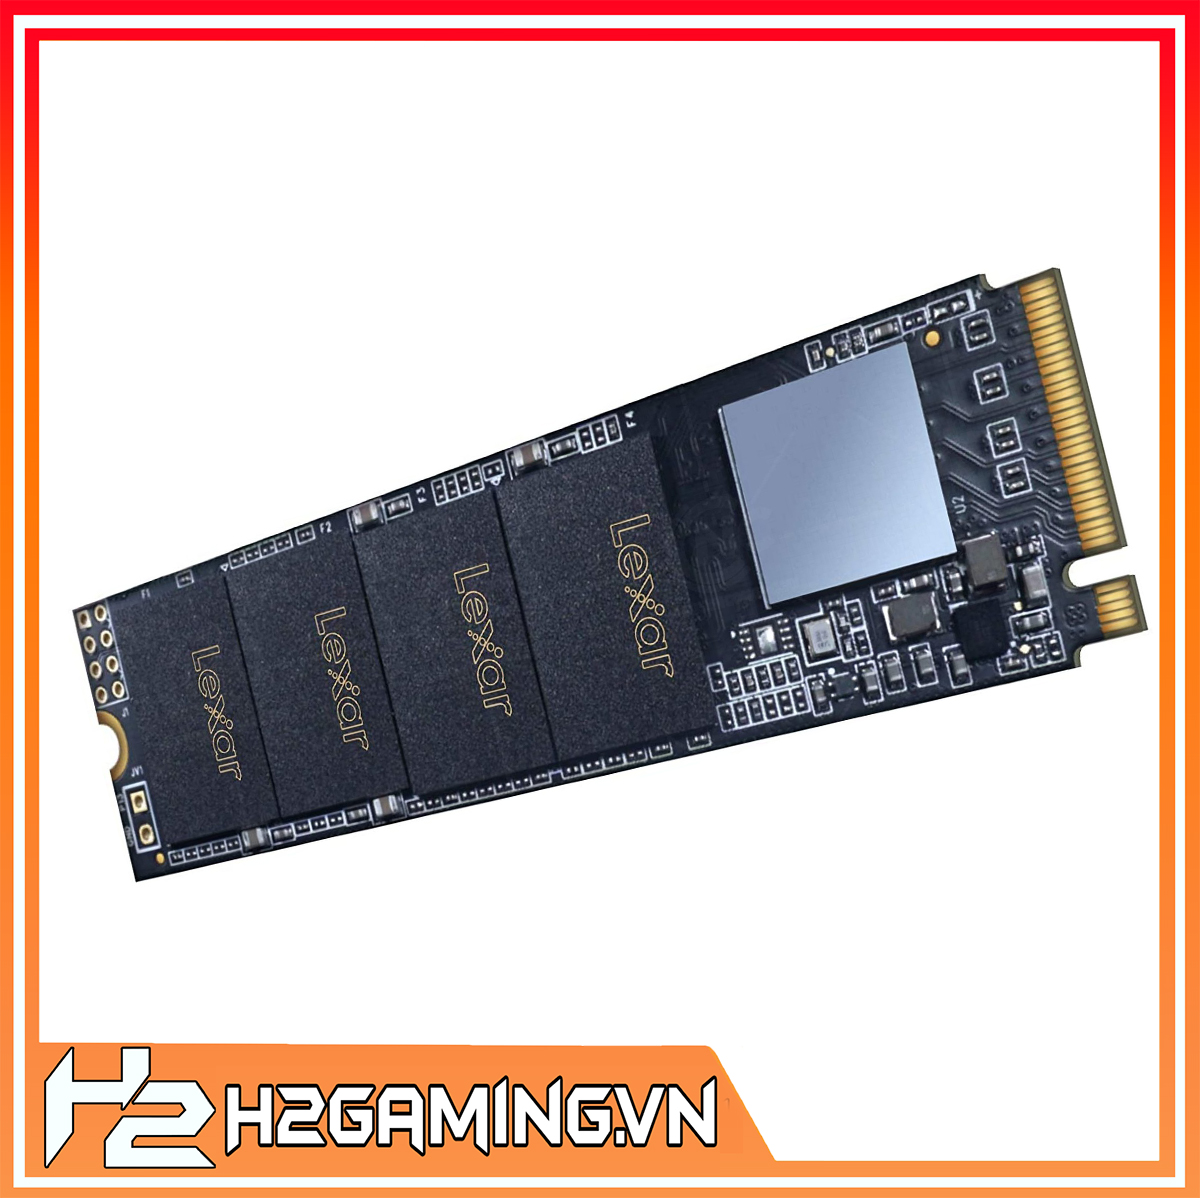 Lexar_NM610_PCIe_M.2_2280_NVMe_250GB_-_LNM610-250RB_2